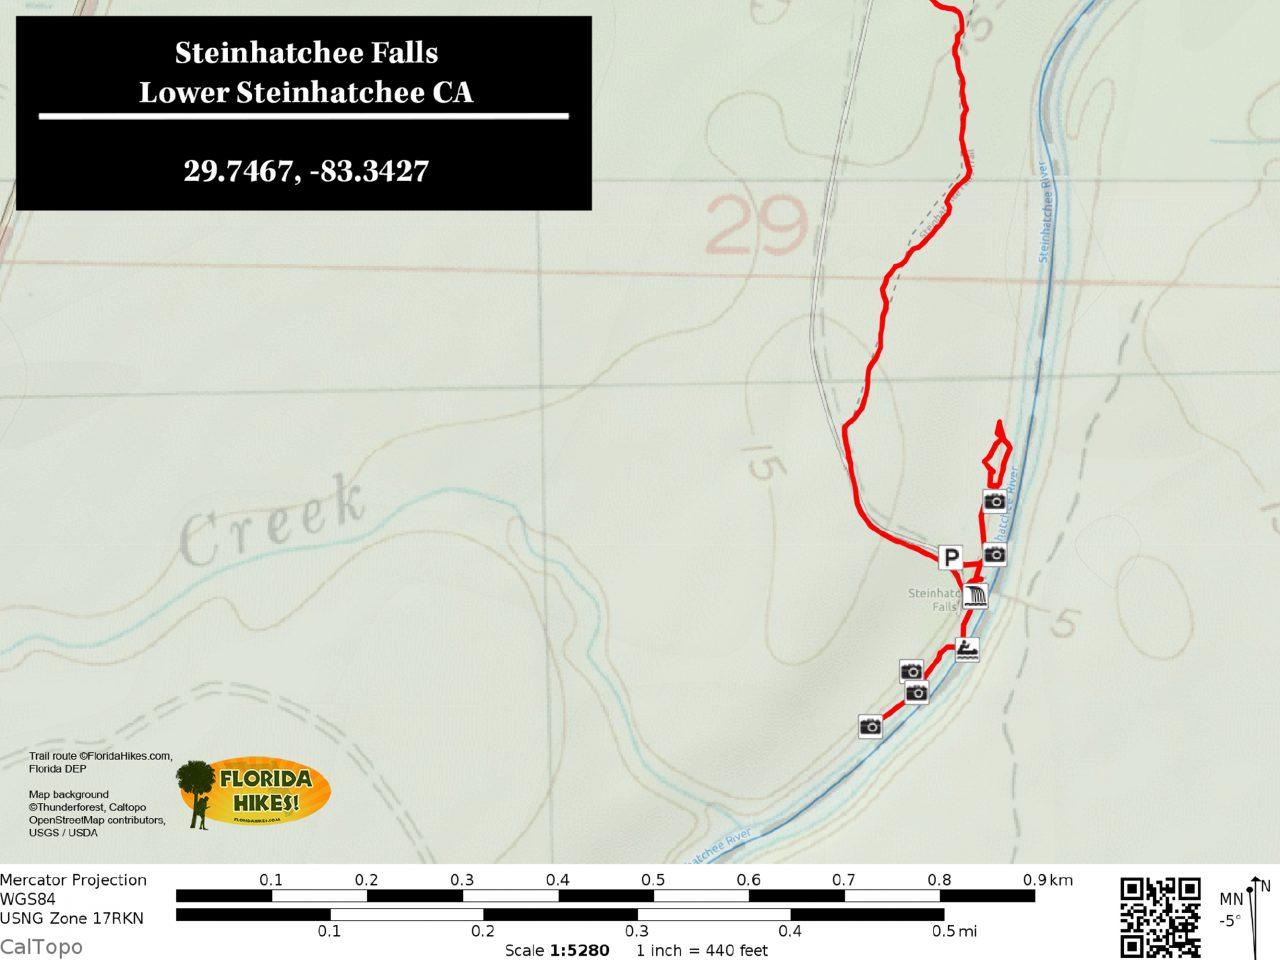 Steinhatchee Falls map